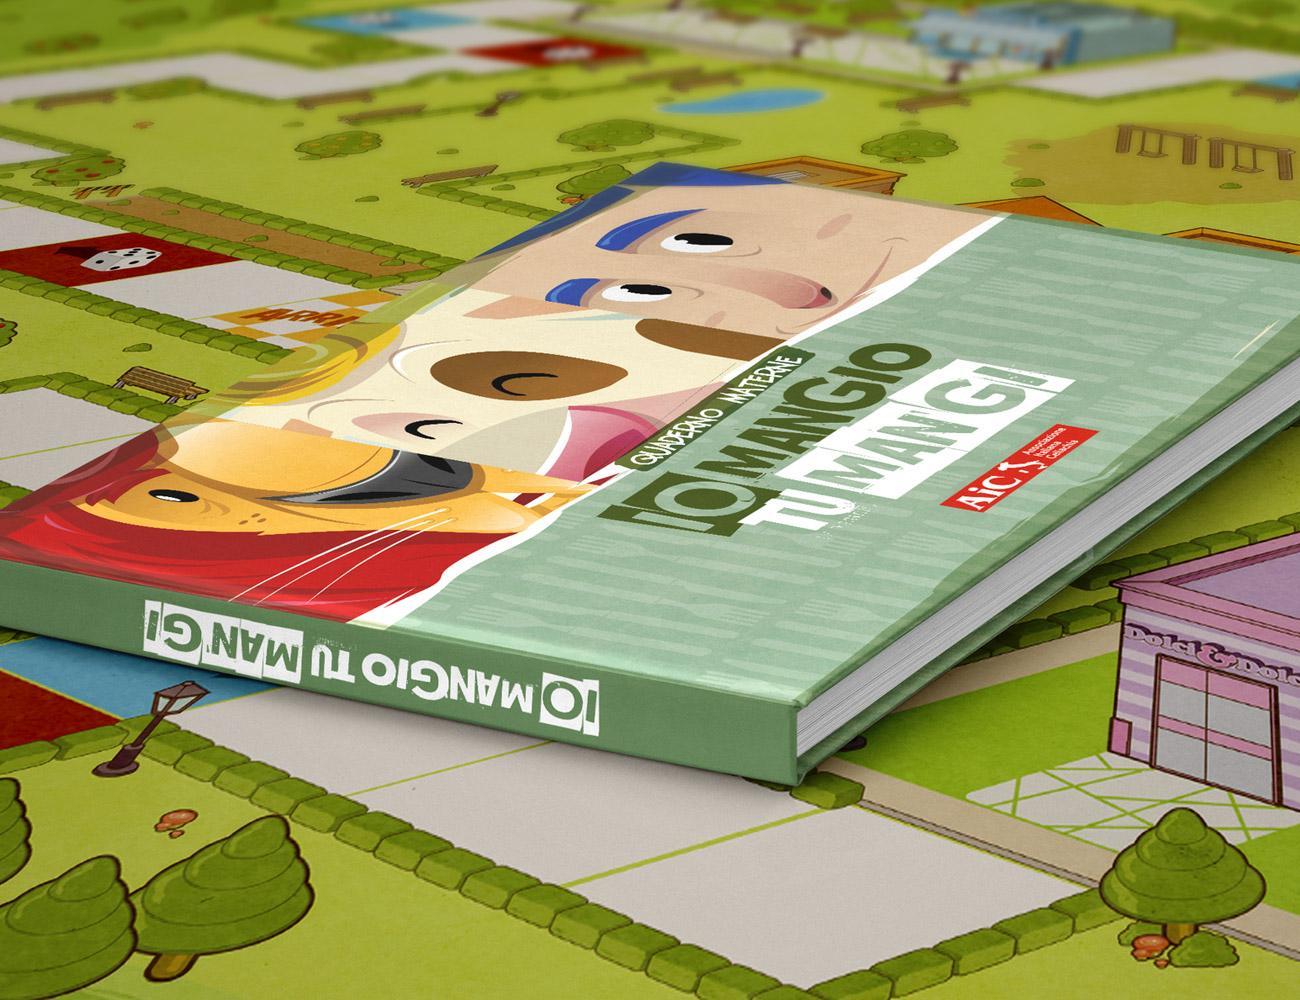 aic-celiachia-gioco-illustrazioni-simone-roveda-libri-bambini-intolleranze-alimentari-digit81